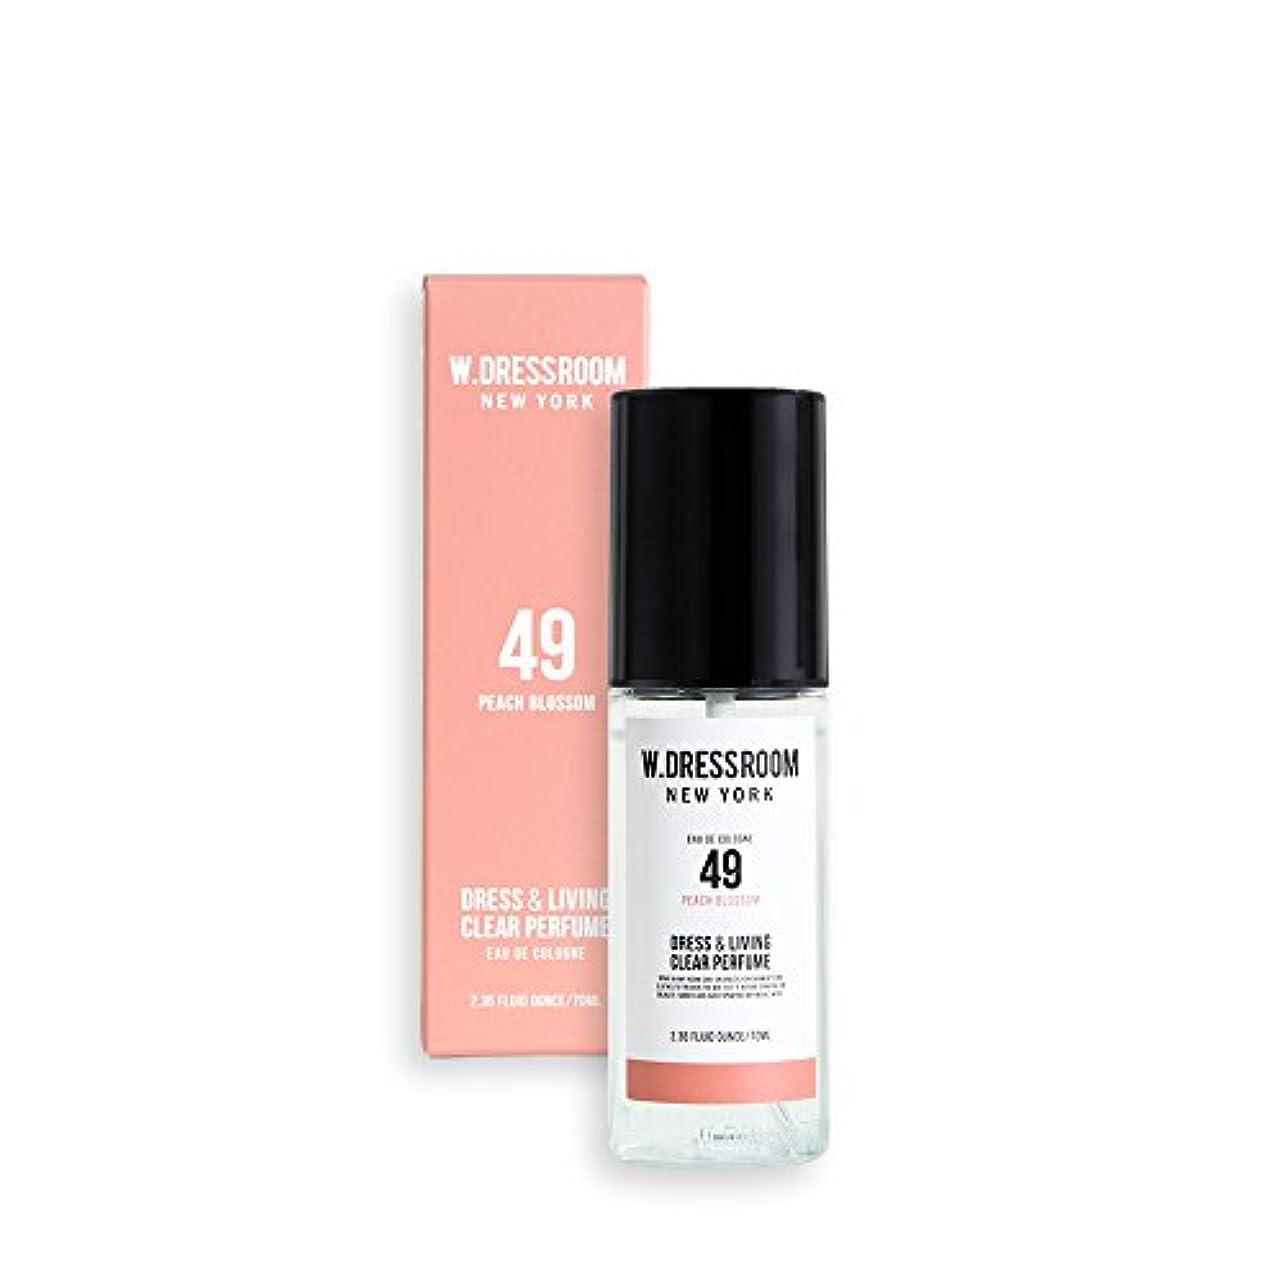 悲鳴反動寄生虫W.DRESSROOM Dress & Living Clear Perfume 70ml (#No.49 Peach Blossom)/ダブルドレスルーム ドレス&リビング クリア パフューム 70ml (#No.49...